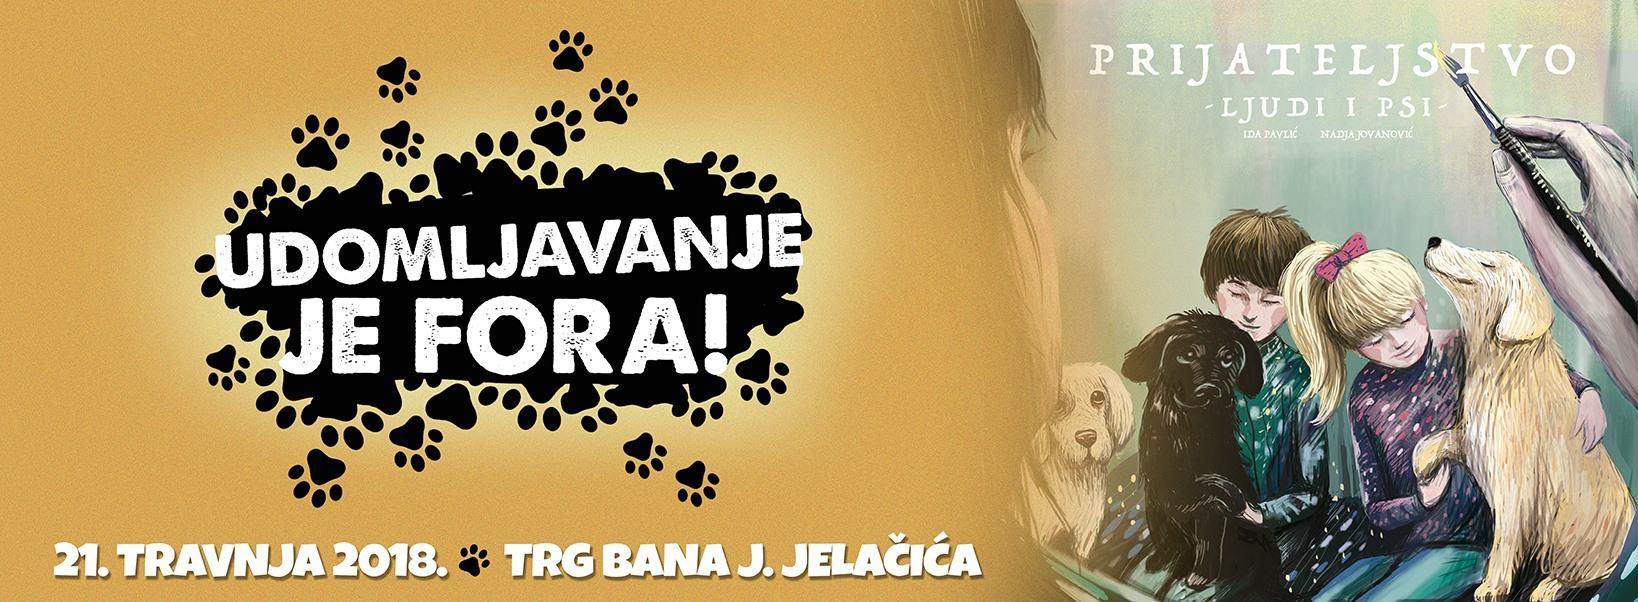 Akcija 'Udomljavanje je fora' na Trgu bana Jelačića u Zagrebu